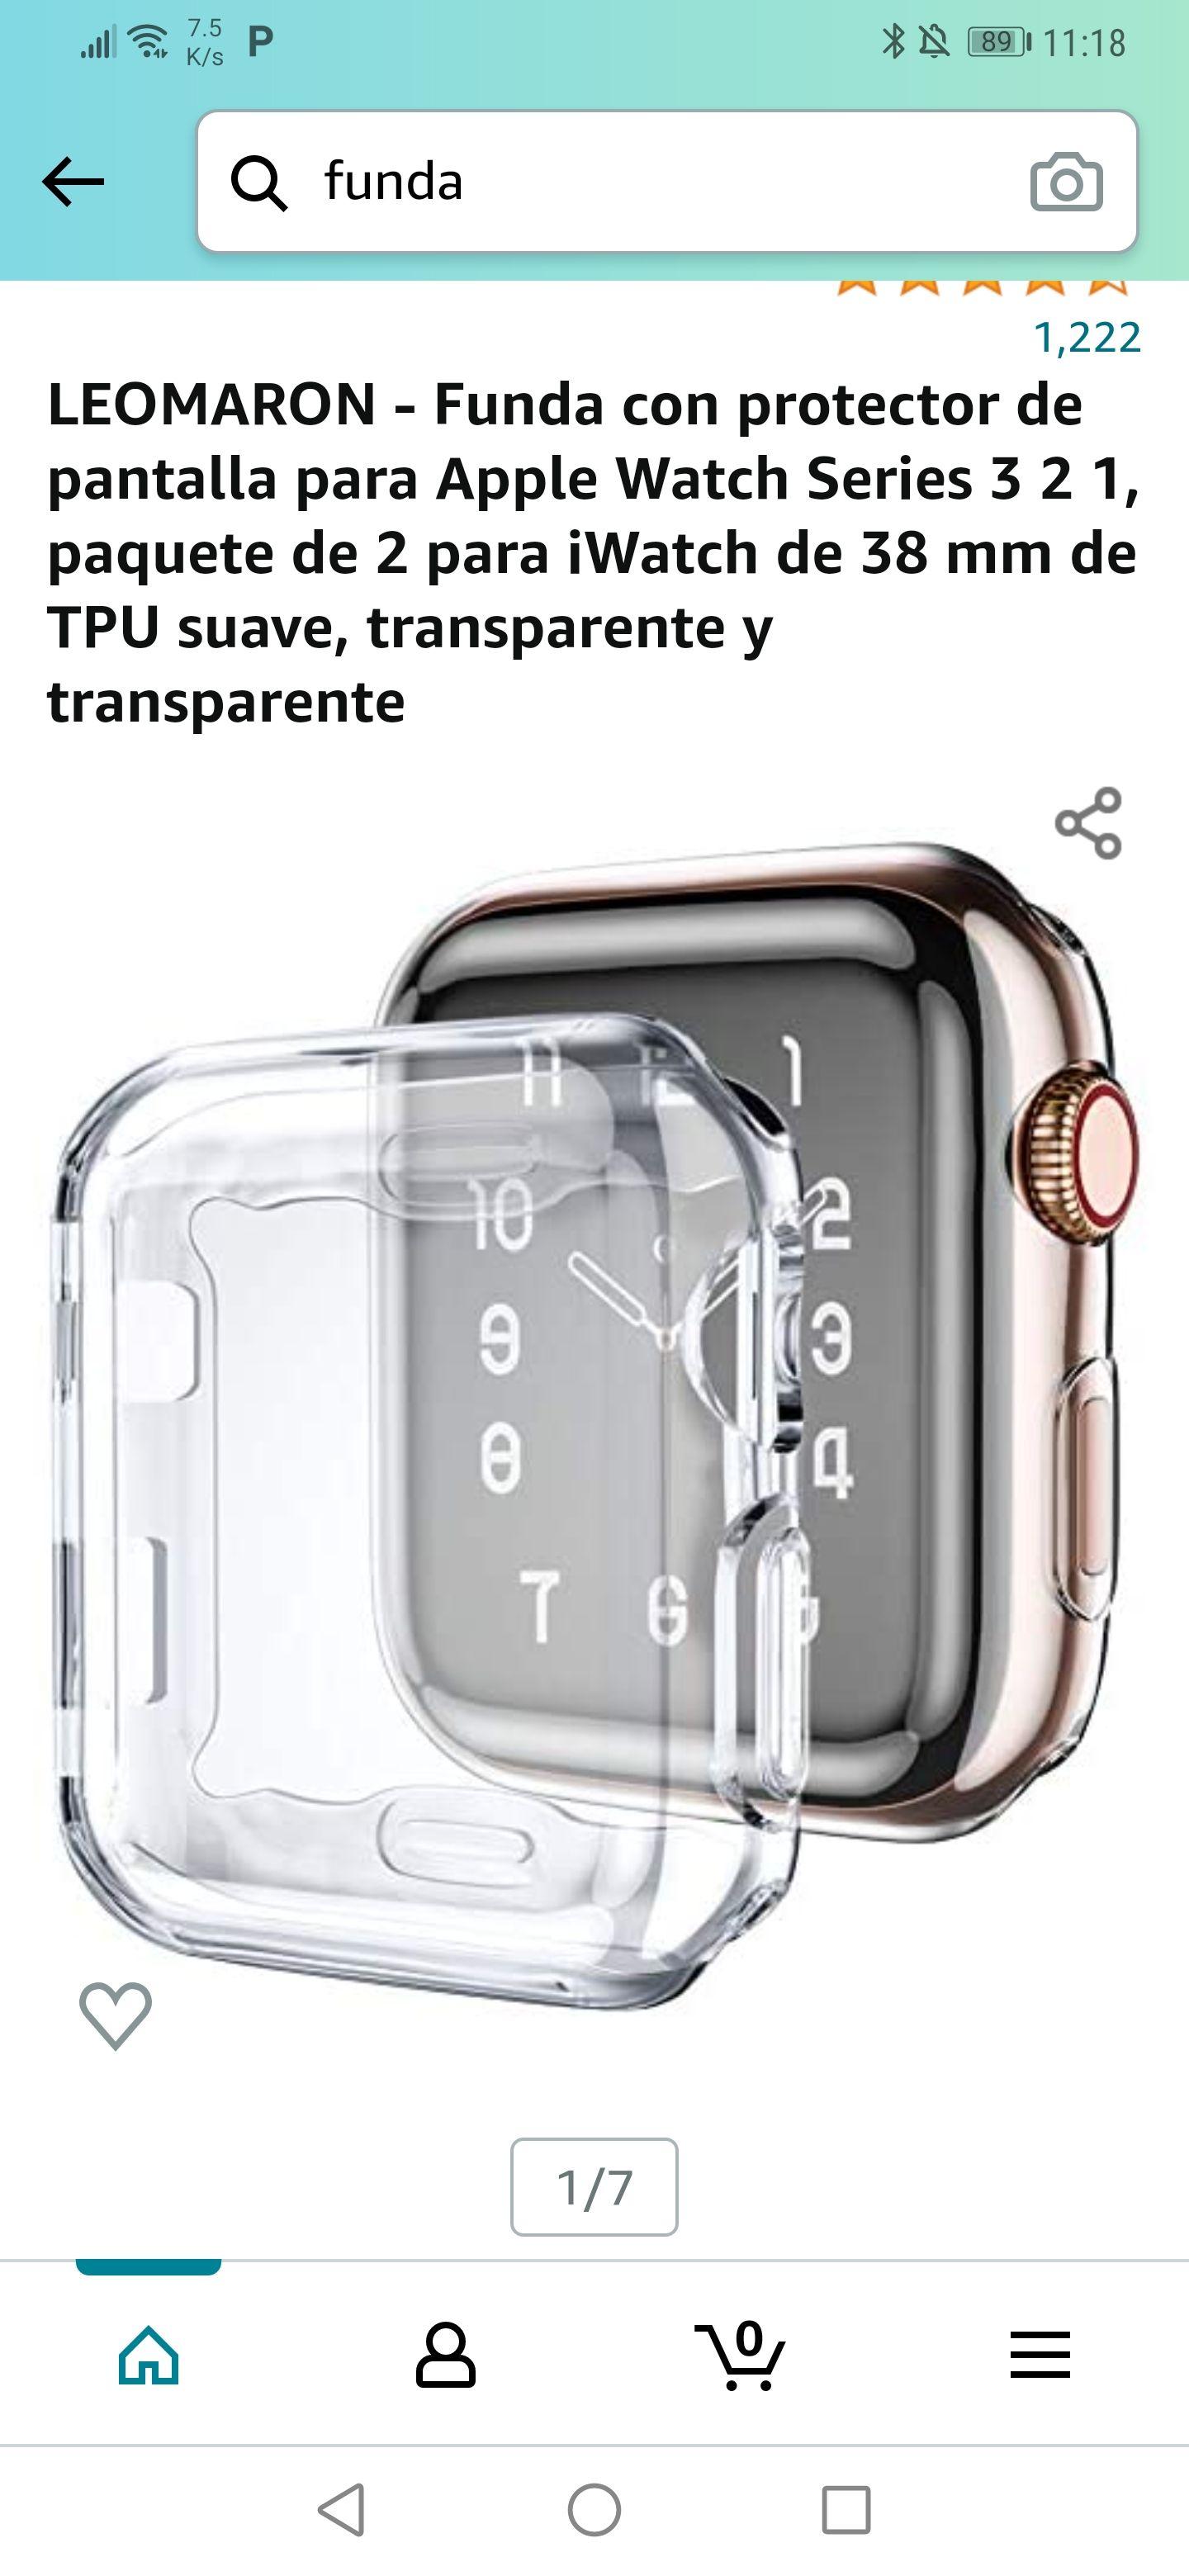 Amazon: Paquete de 2 fundas con protector de pantalla para apple watch series 1,2 y 3 . 38mm